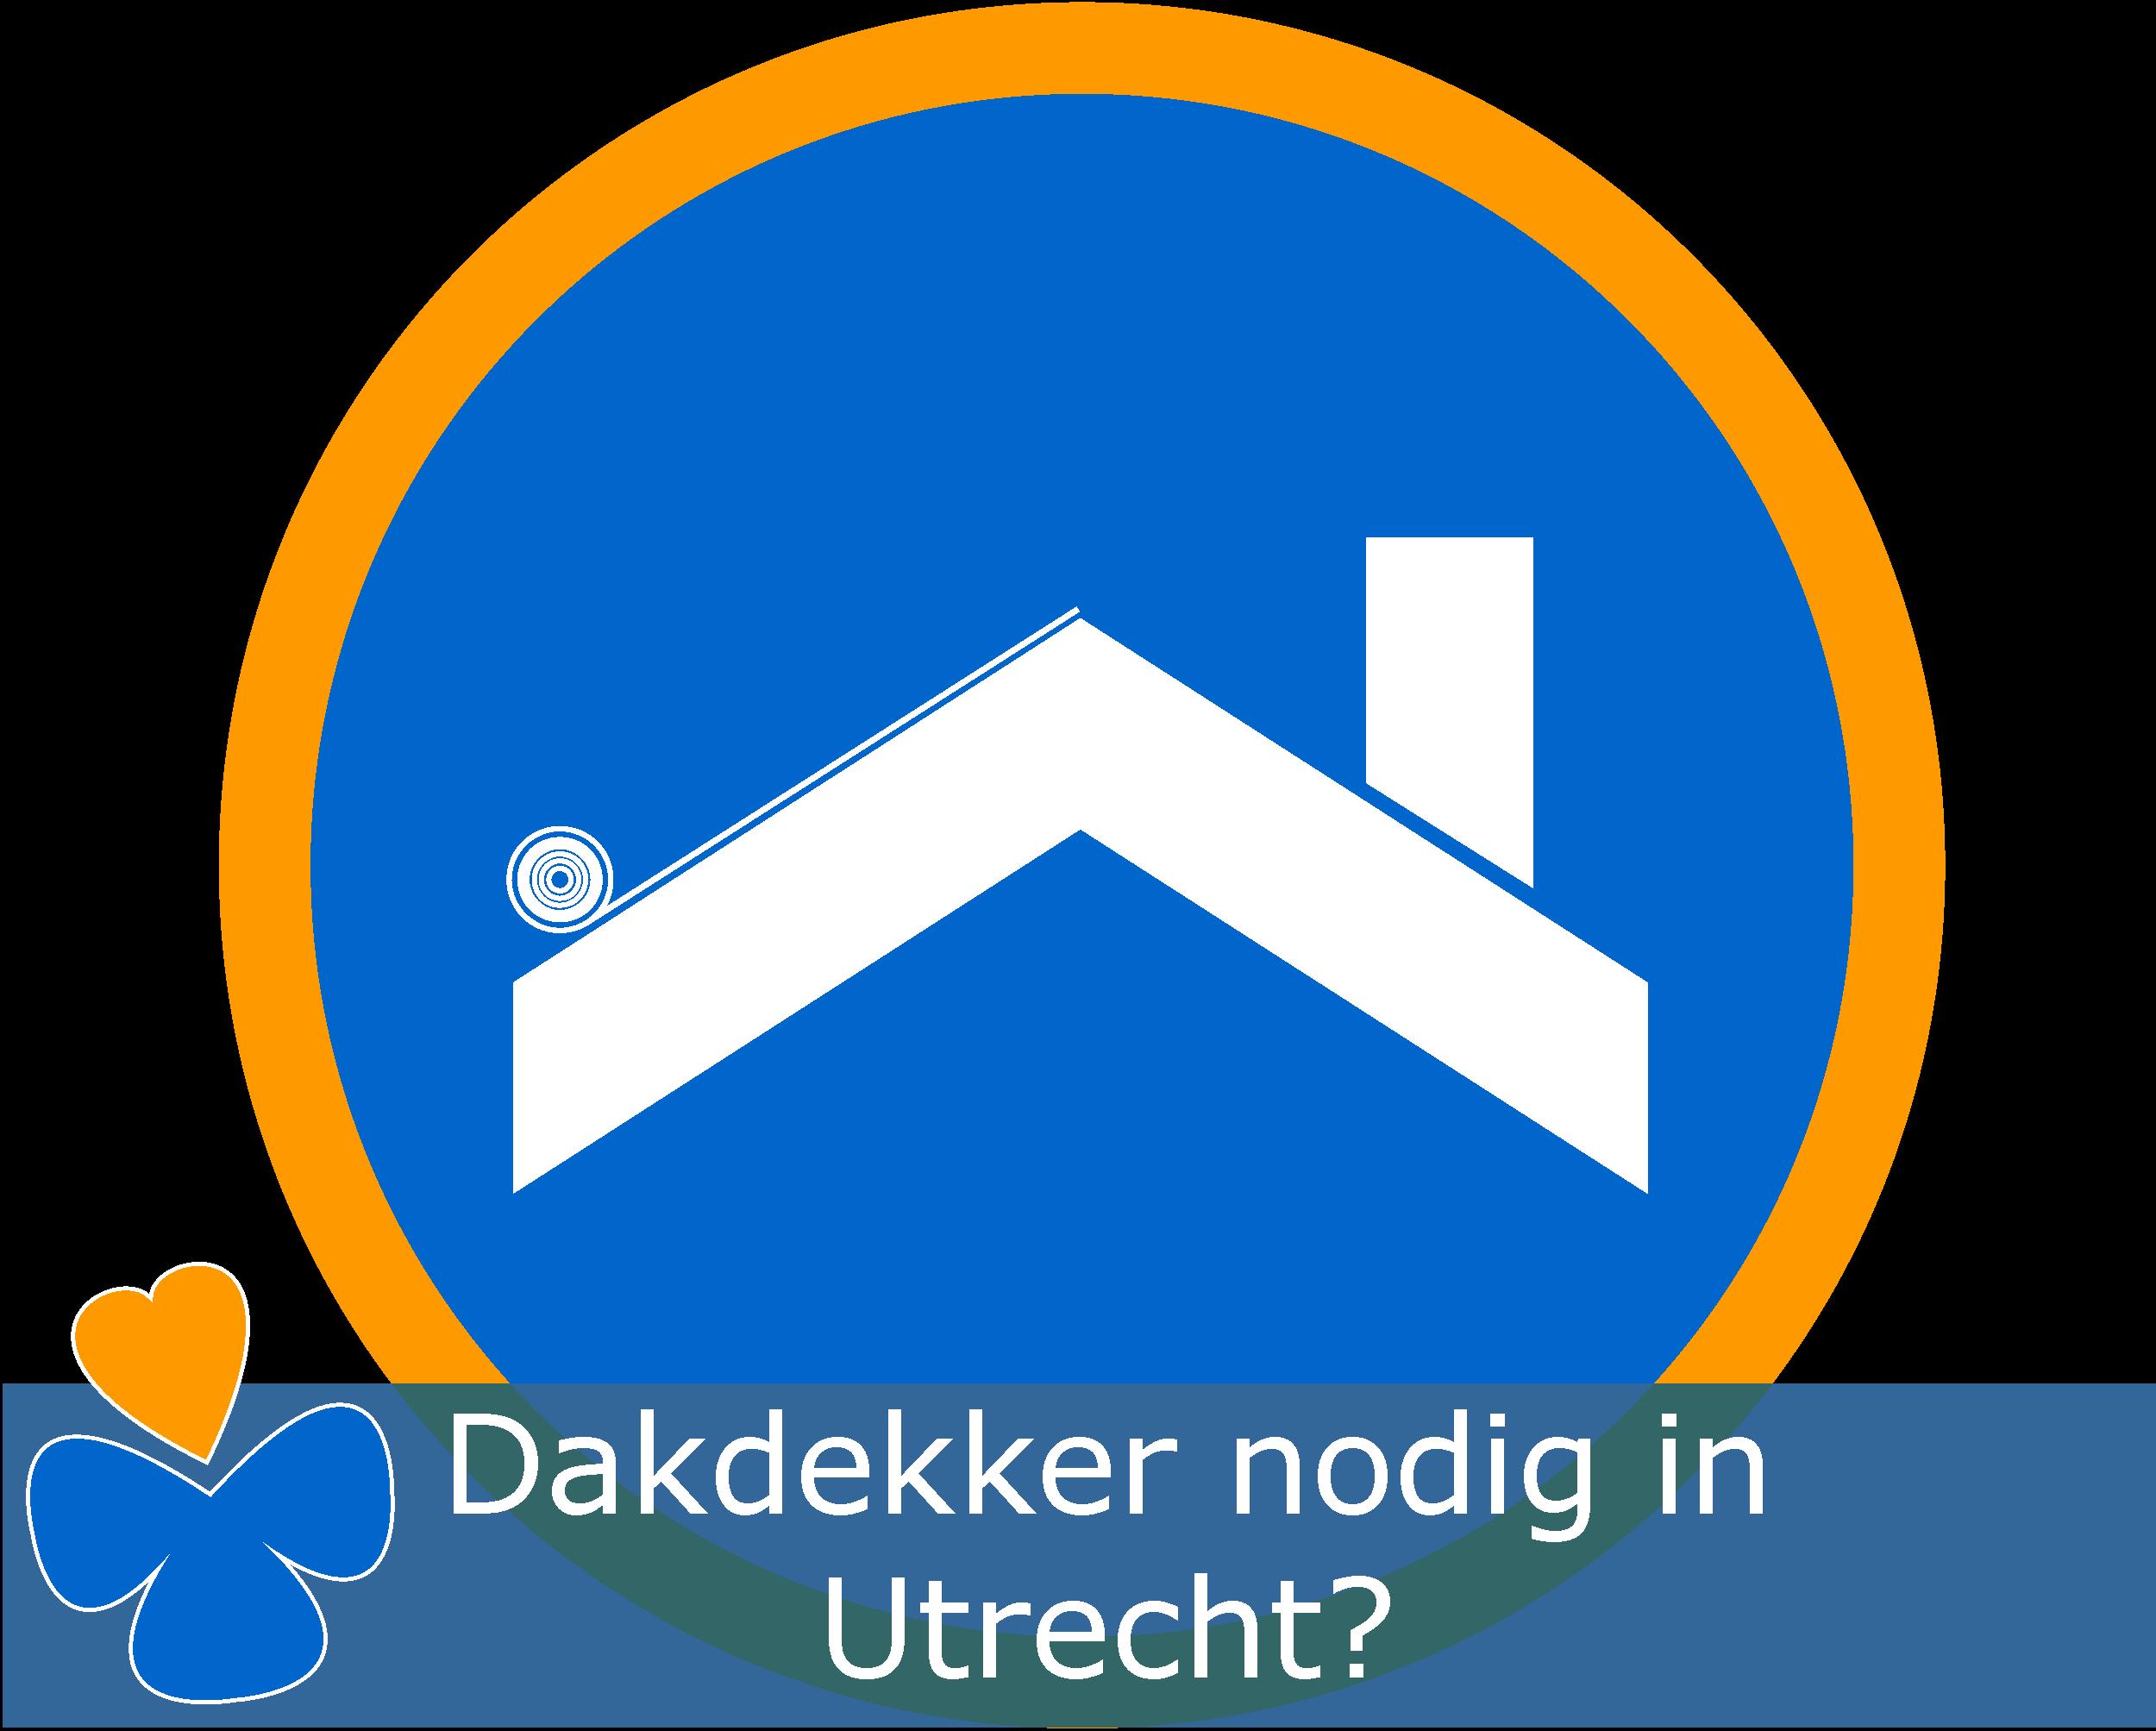 Dakdekkers provincie Utrecht nodig?